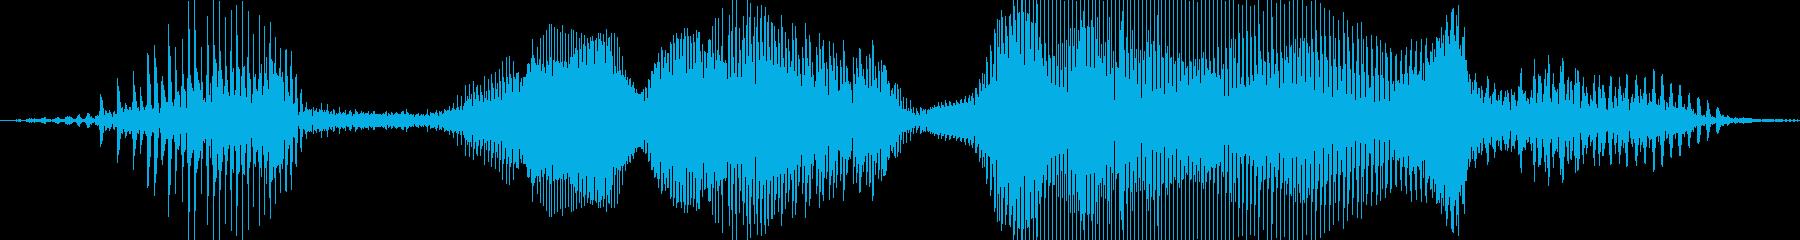 ハズレだよぉ!(怖い)の再生済みの波形